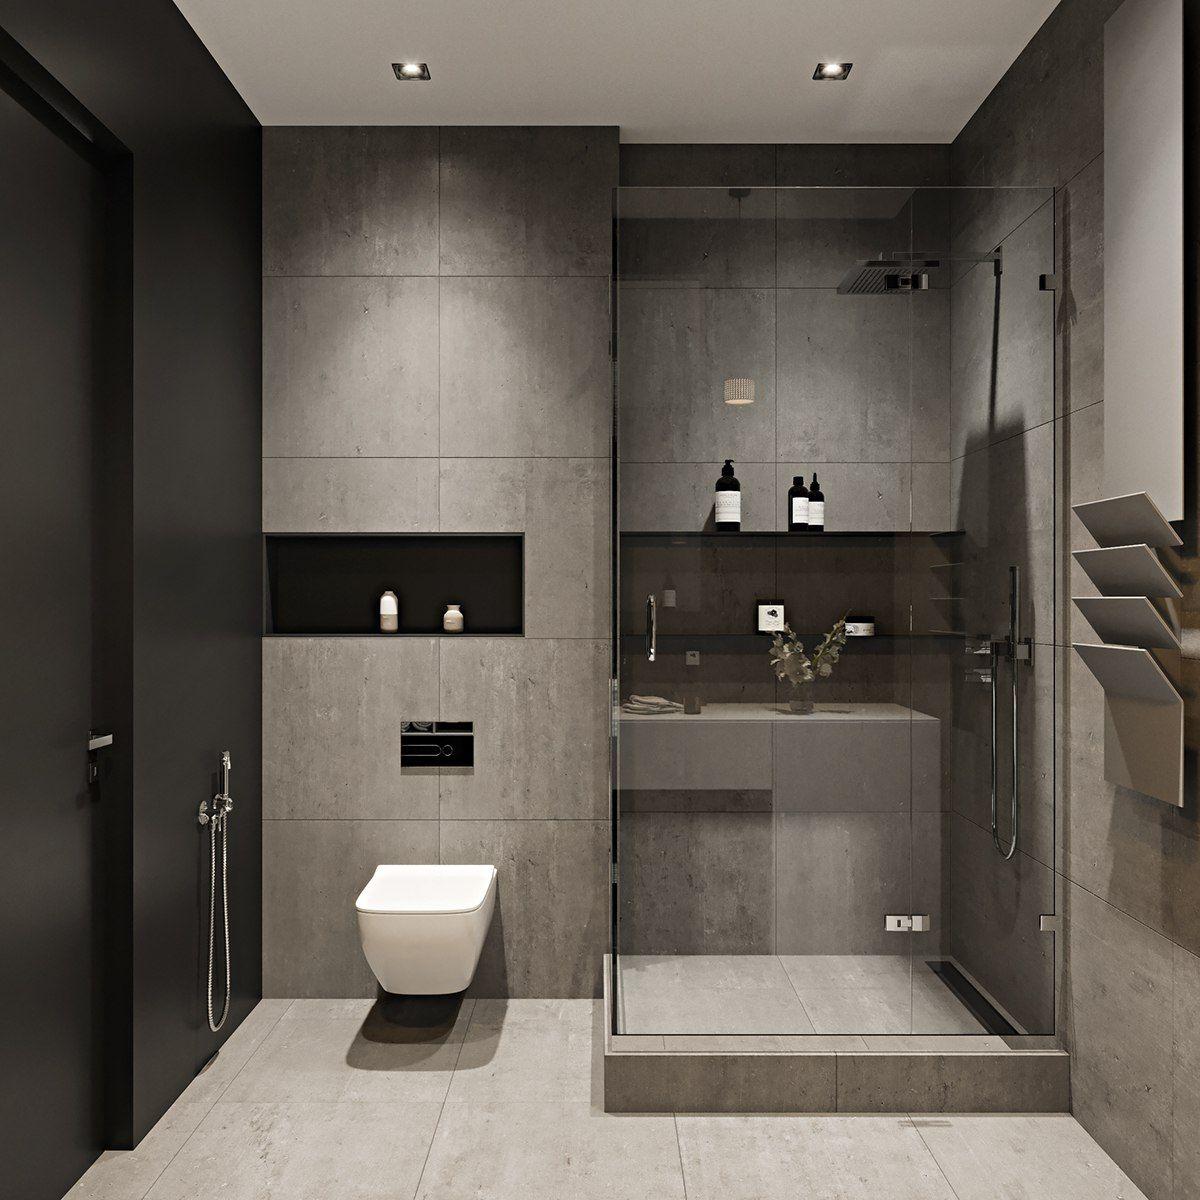 Concrete Tiles Betoninės Plytelės Bathroom Interior Vonios